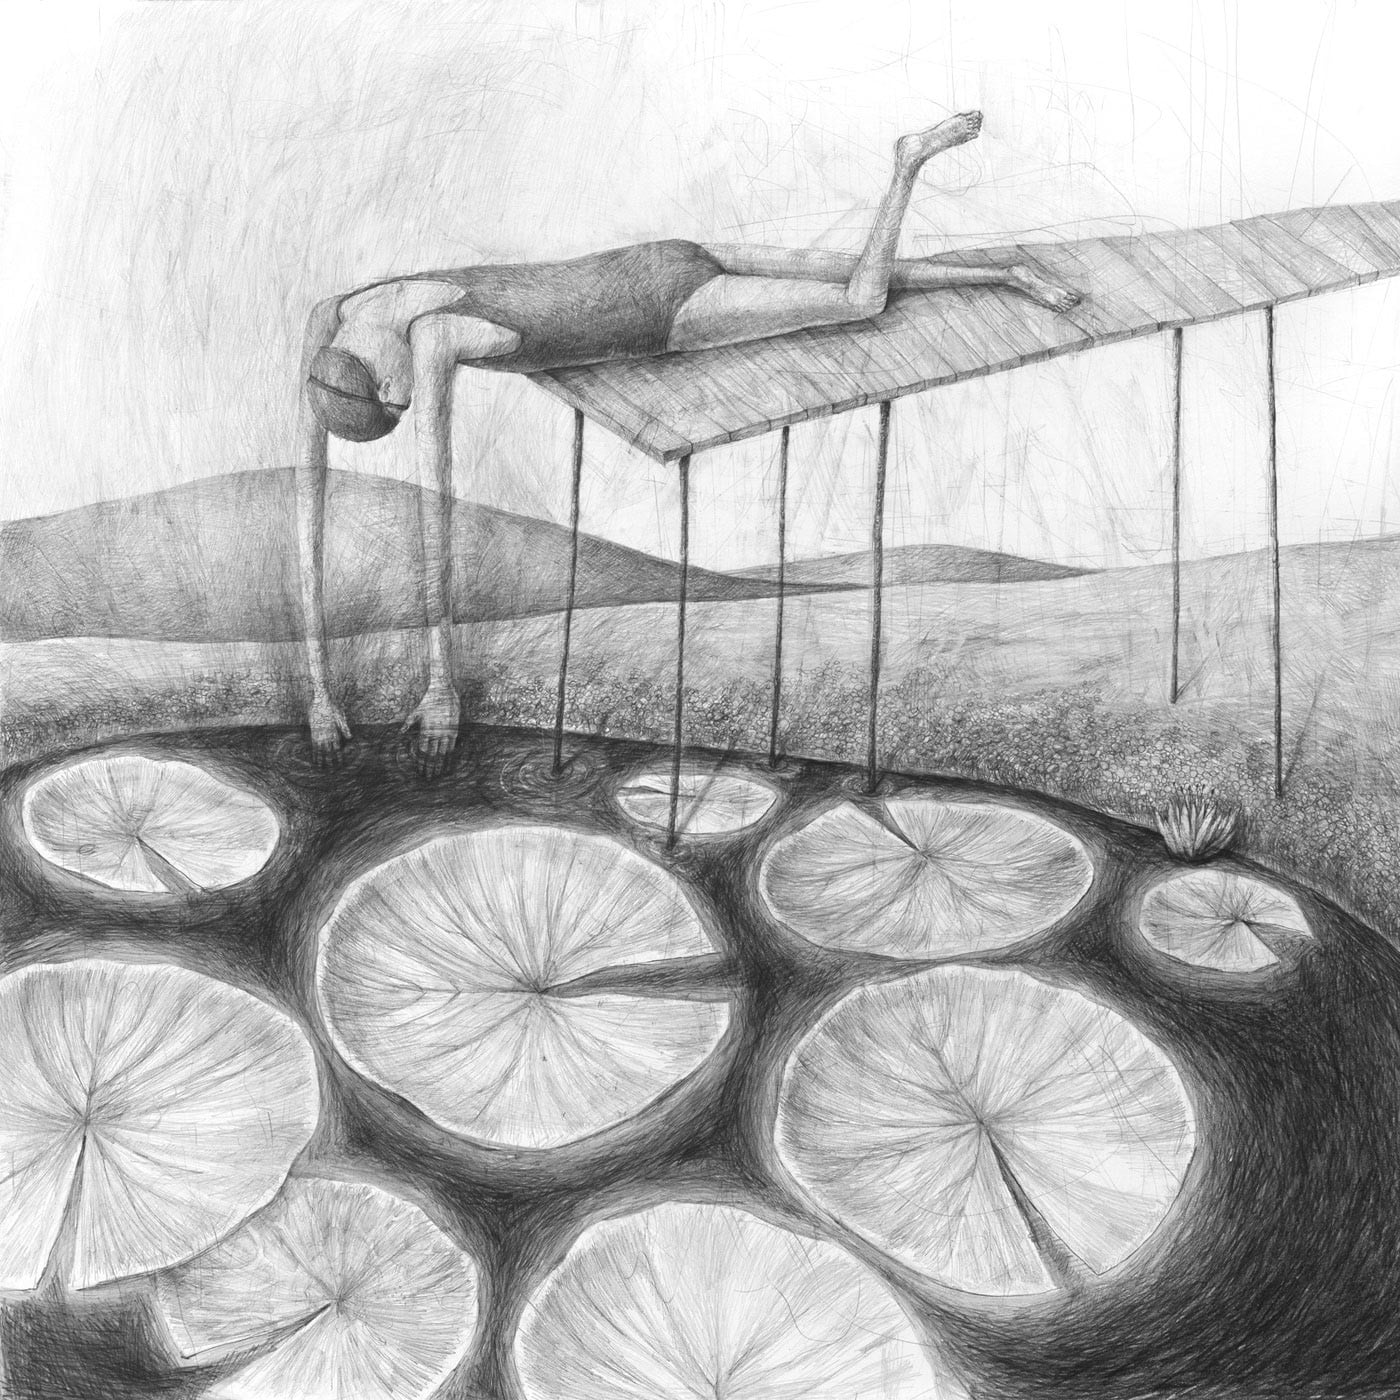 zsaitsits ilustracion boring